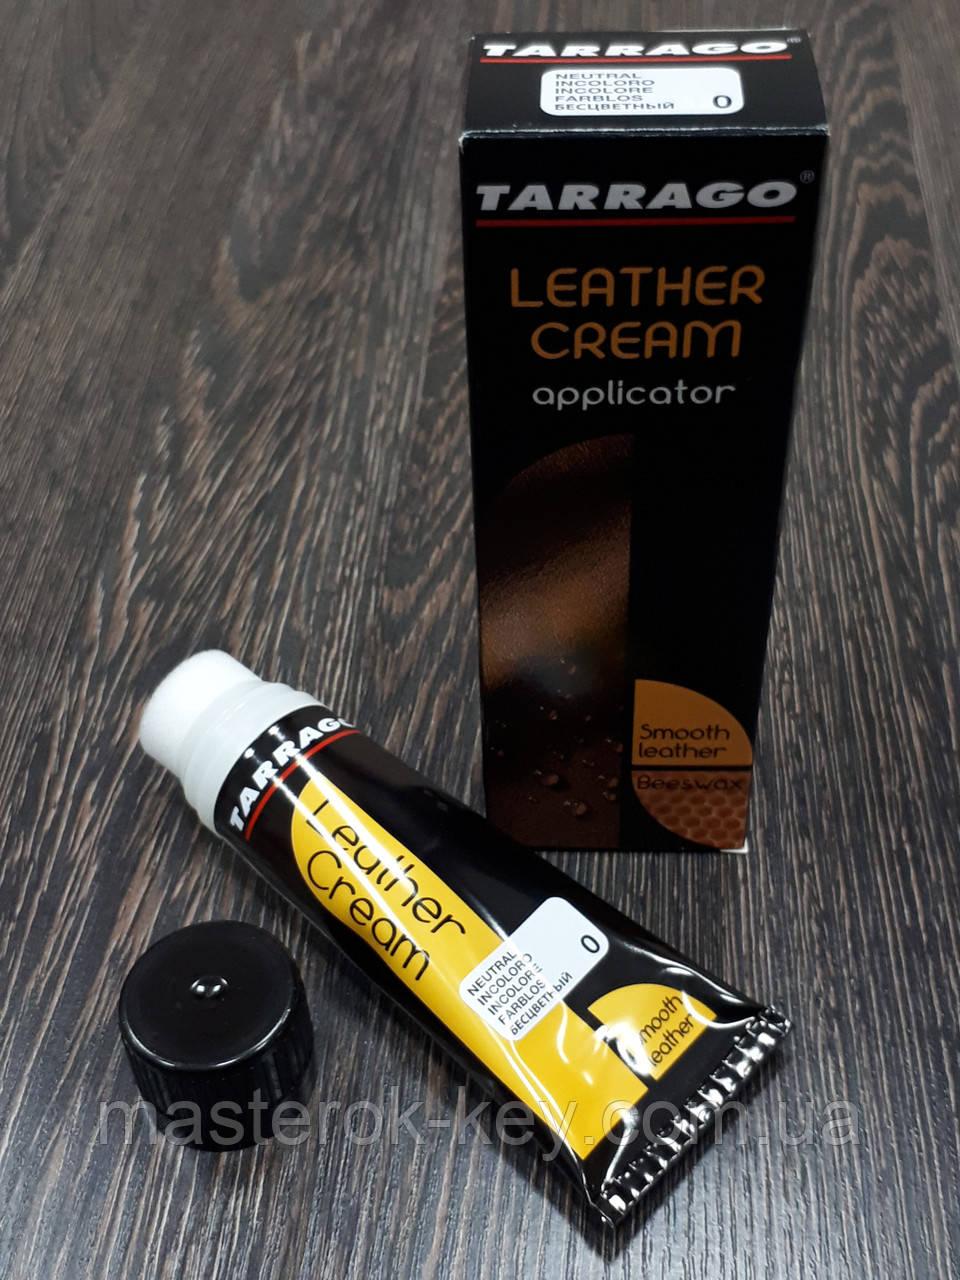 0c787c5d Водоотталкивающий крем для обуви Tarrago Leather Cream 75 мл бесцветный  (00), цена 131,84 грн., купить в Днепре — Prom.ua (ID#631307640)